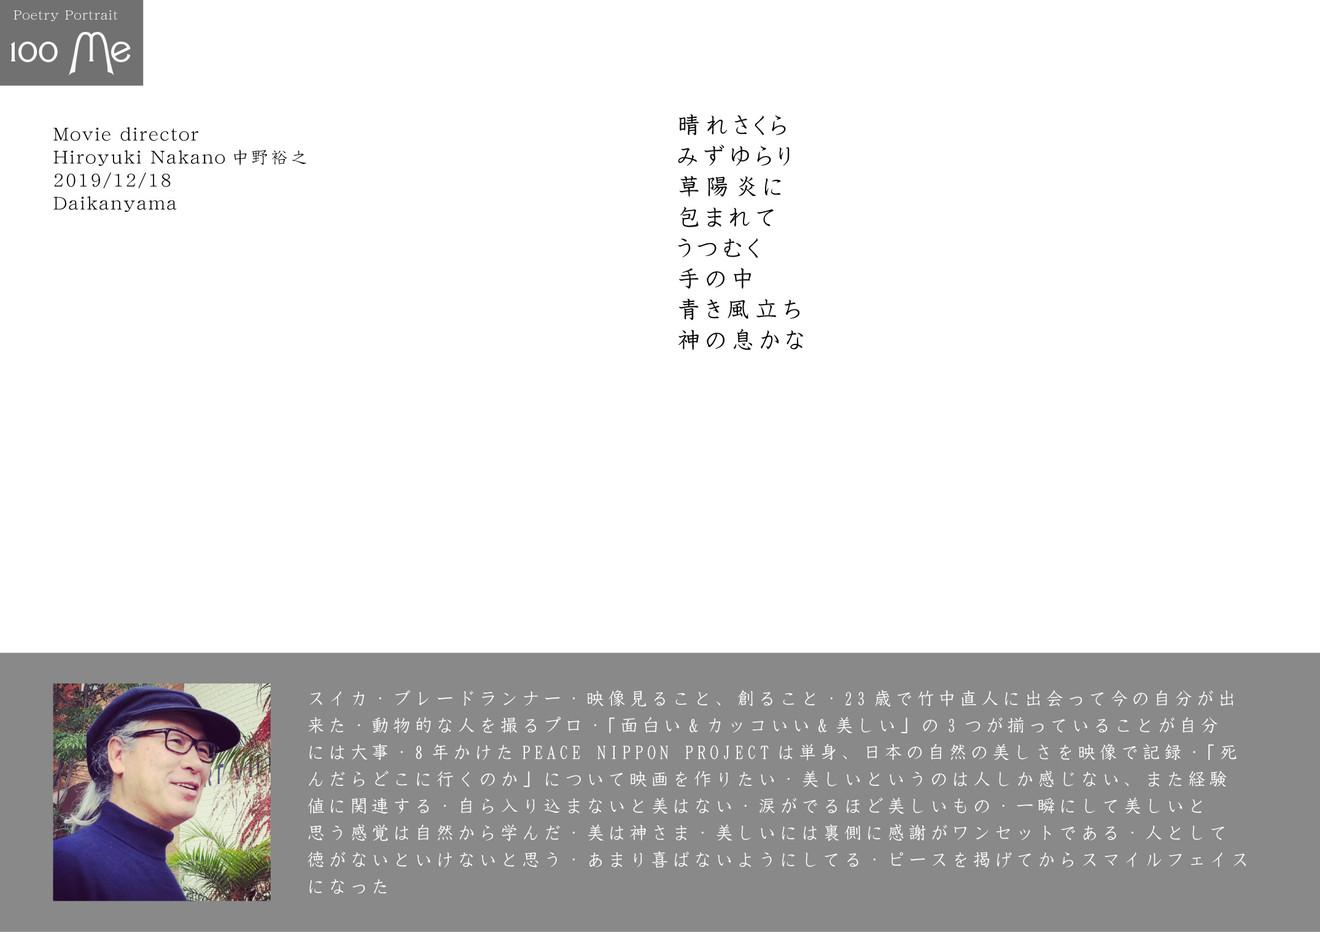 38-Hiroyuki Nakano.jpg